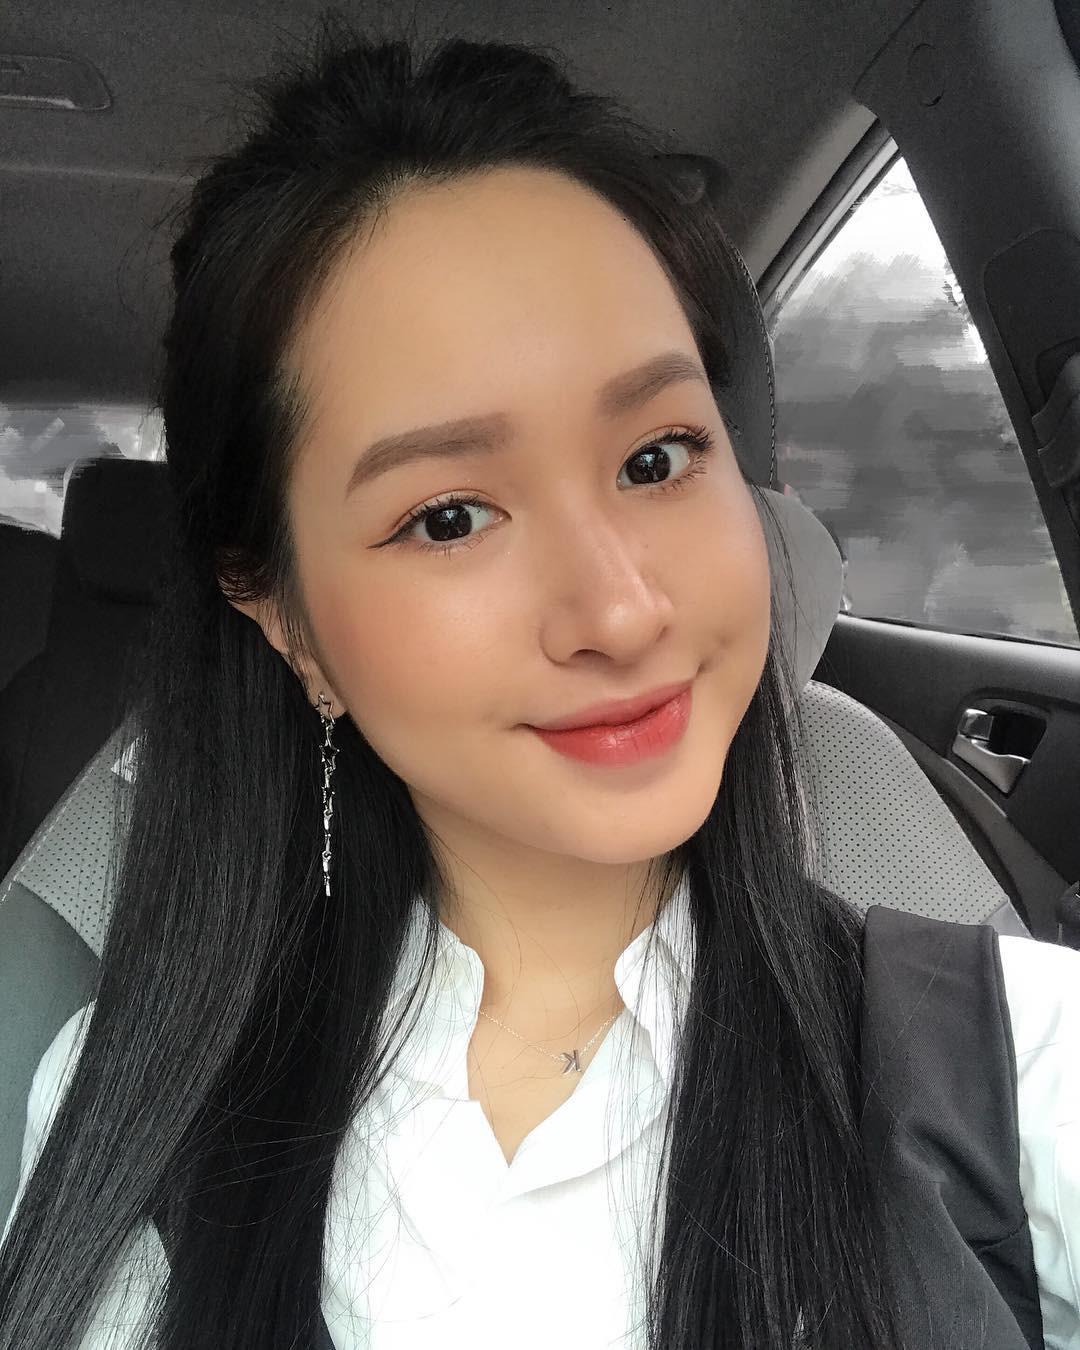 Bạn đã biết 4 cách đánh son siêu xinh đang được các hot girl Việt tích cực diện mùa xuân này chưa? - Ảnh 16.